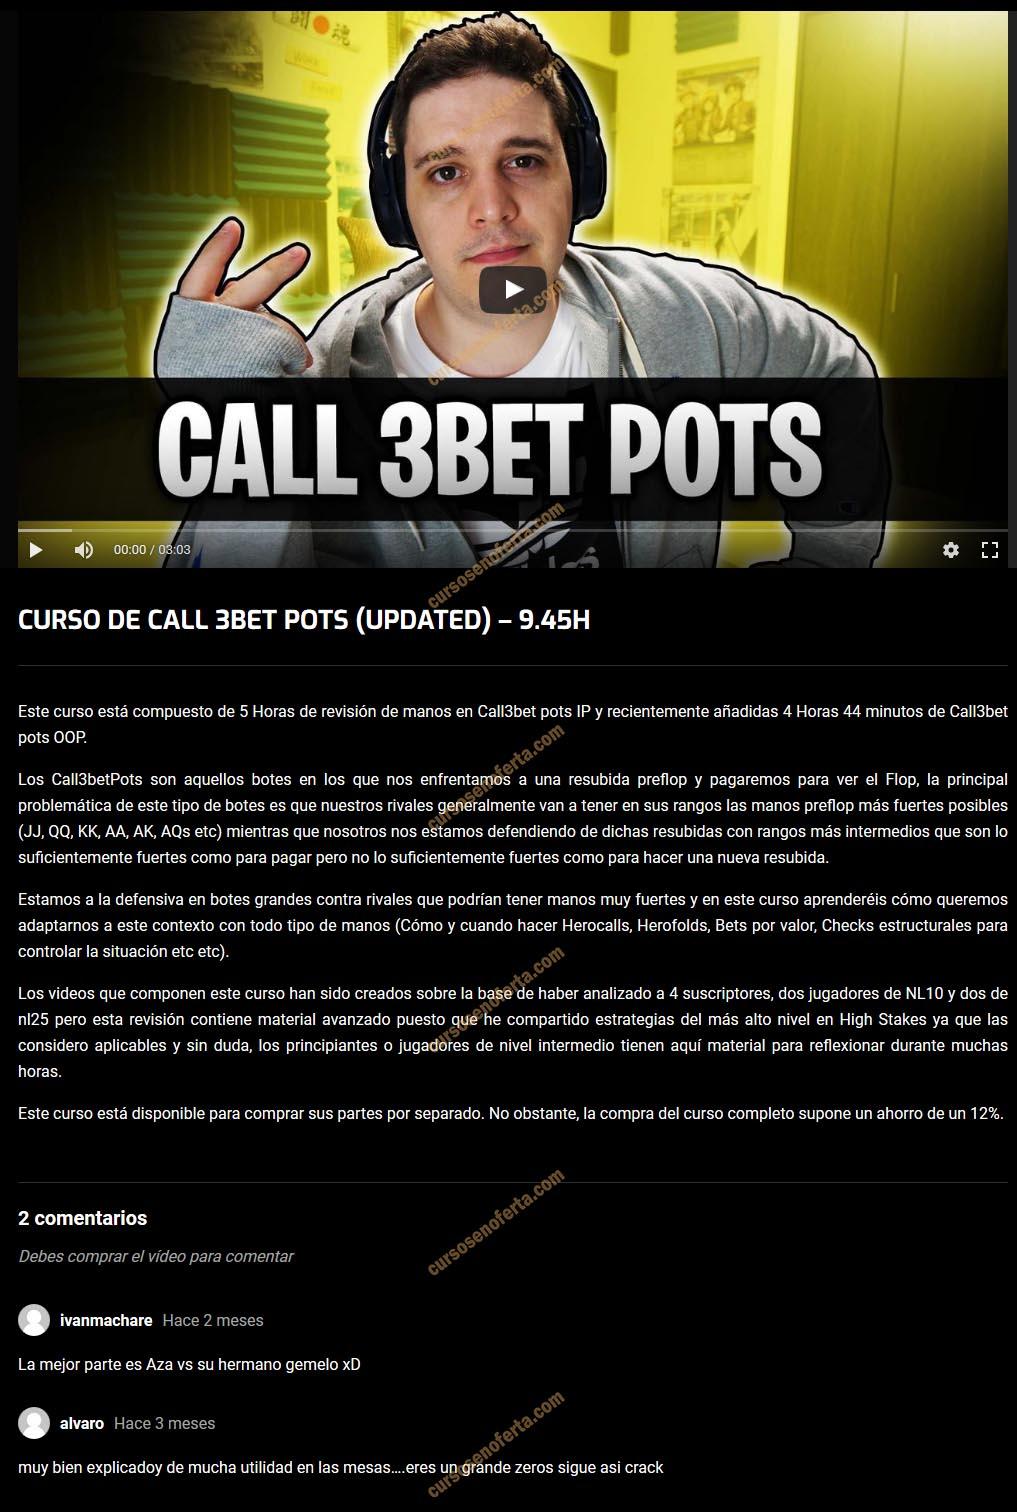 Curso de Call 3Bet Pots